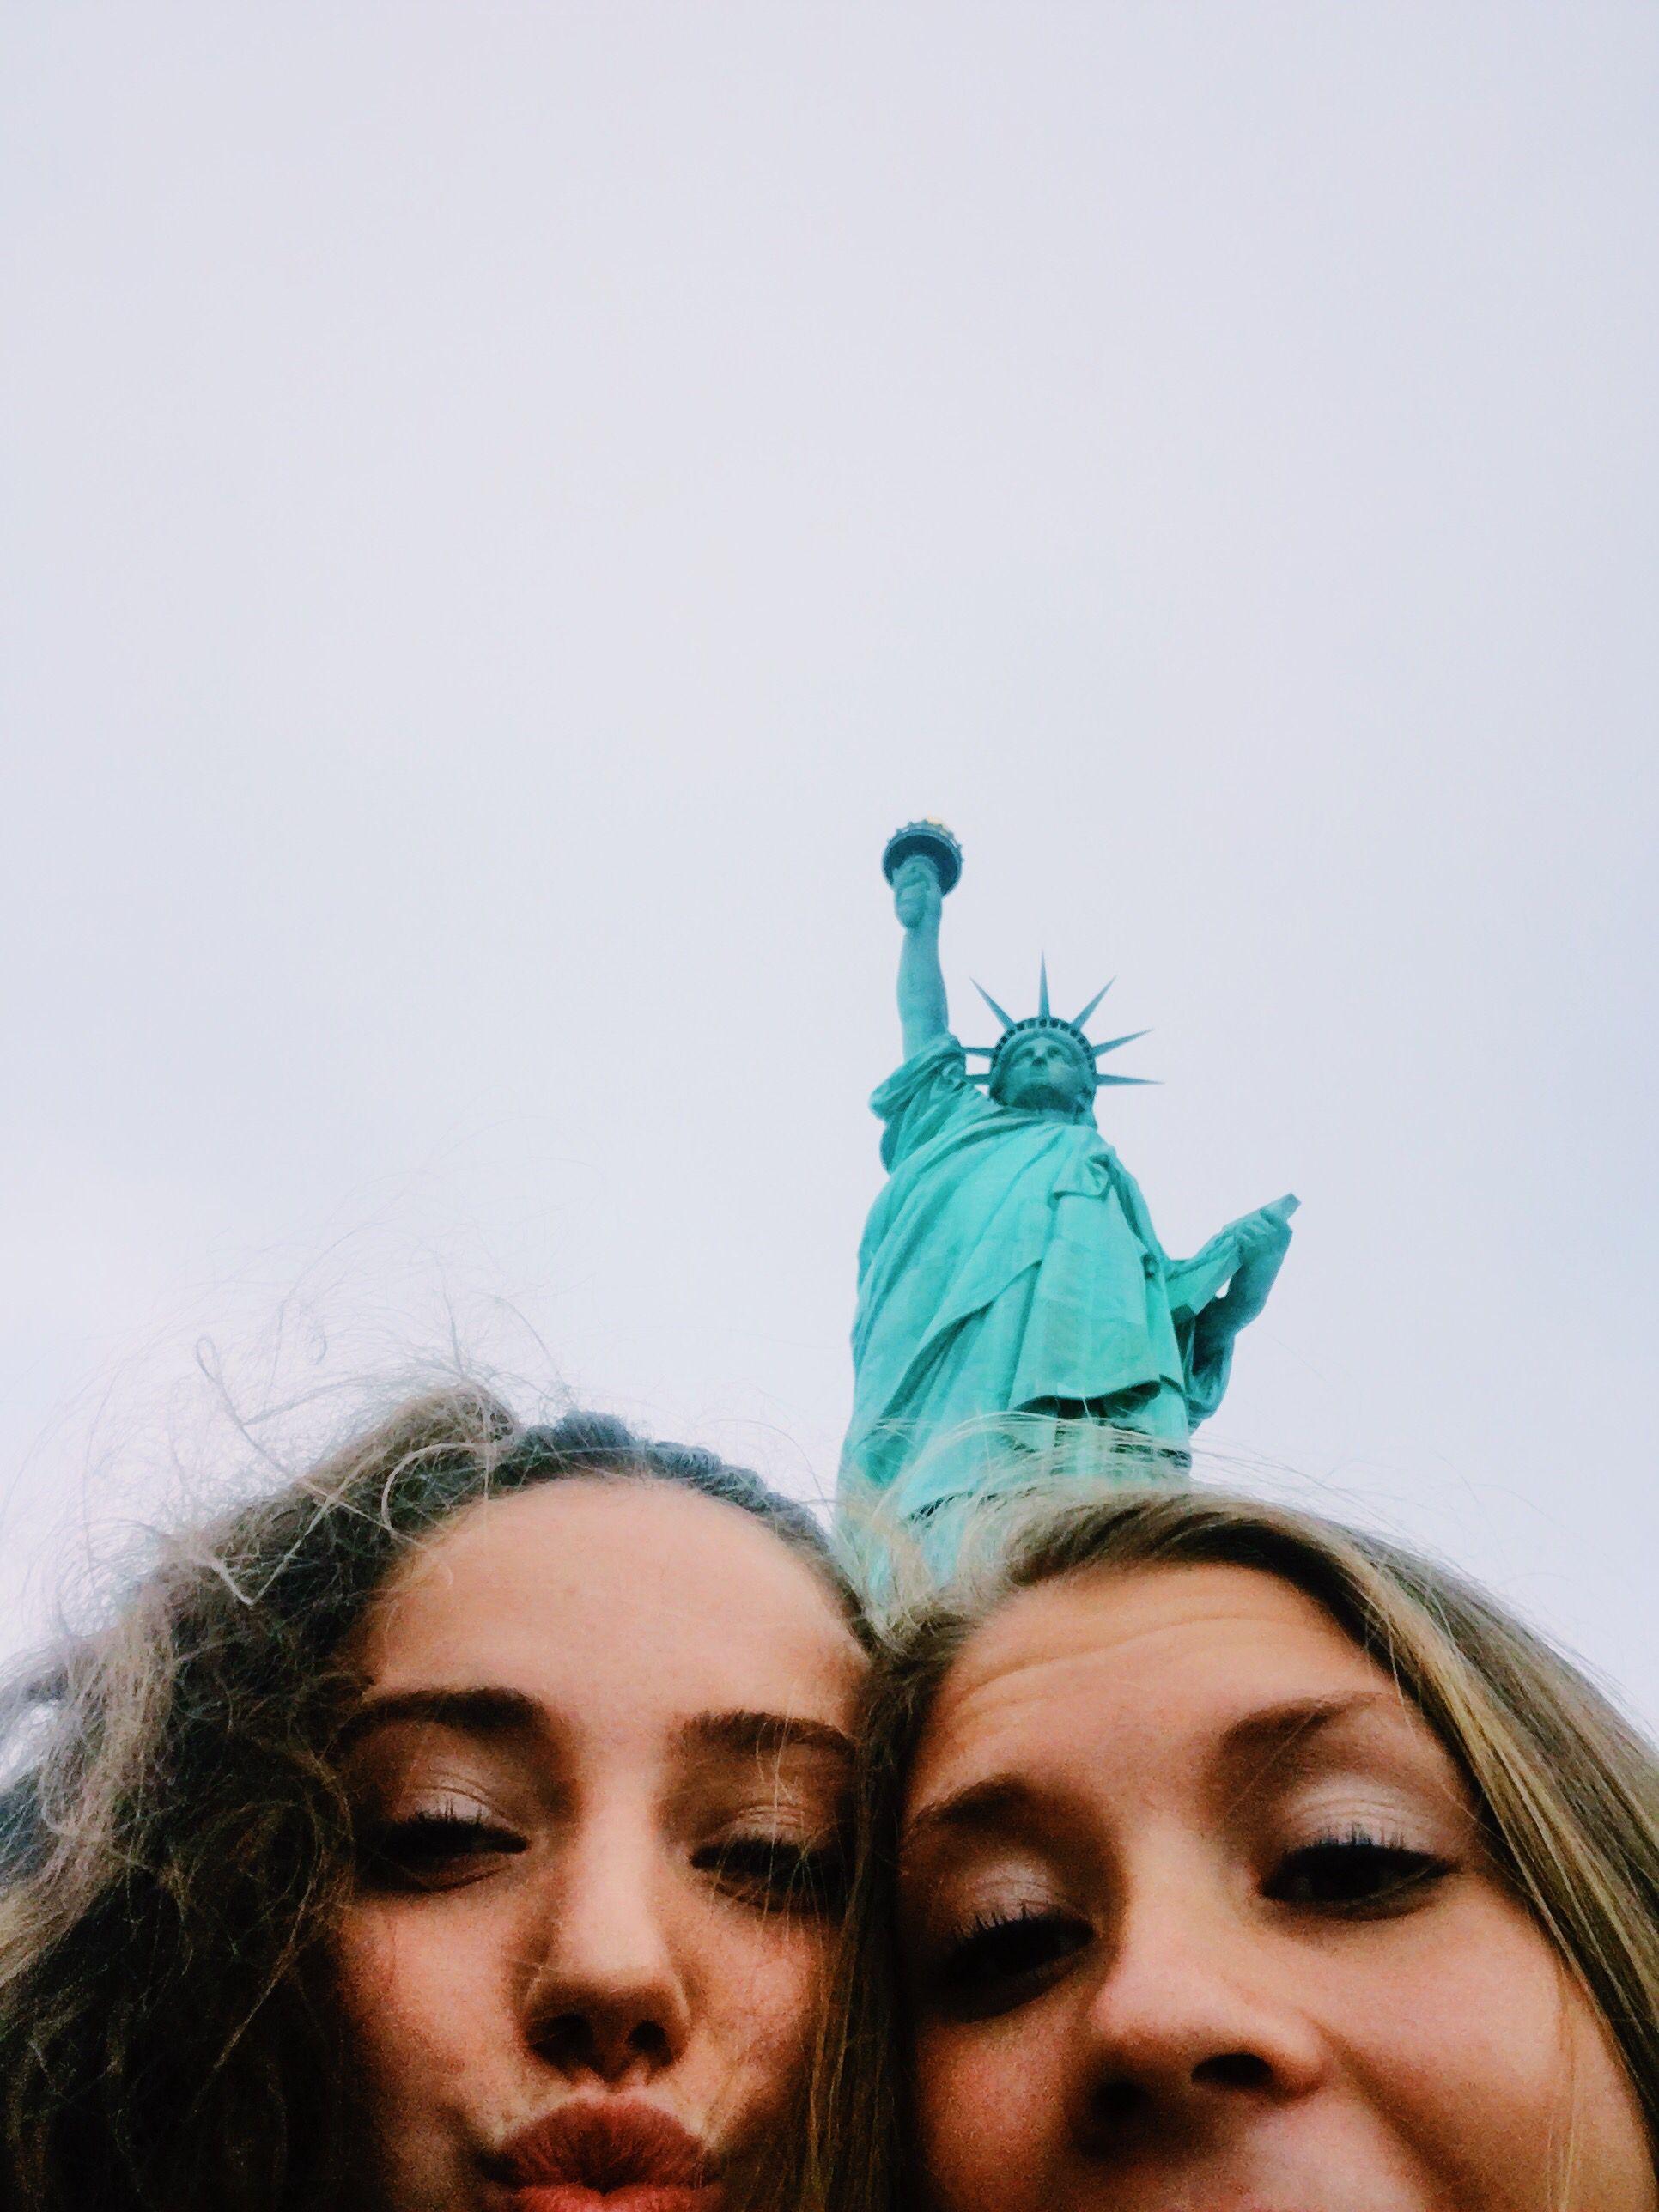 Statue Of Liberty Cute Pics Cute Ideas Picture Ideas Friends Poses Fotos Ny Fotos En Ny Fotos En New York